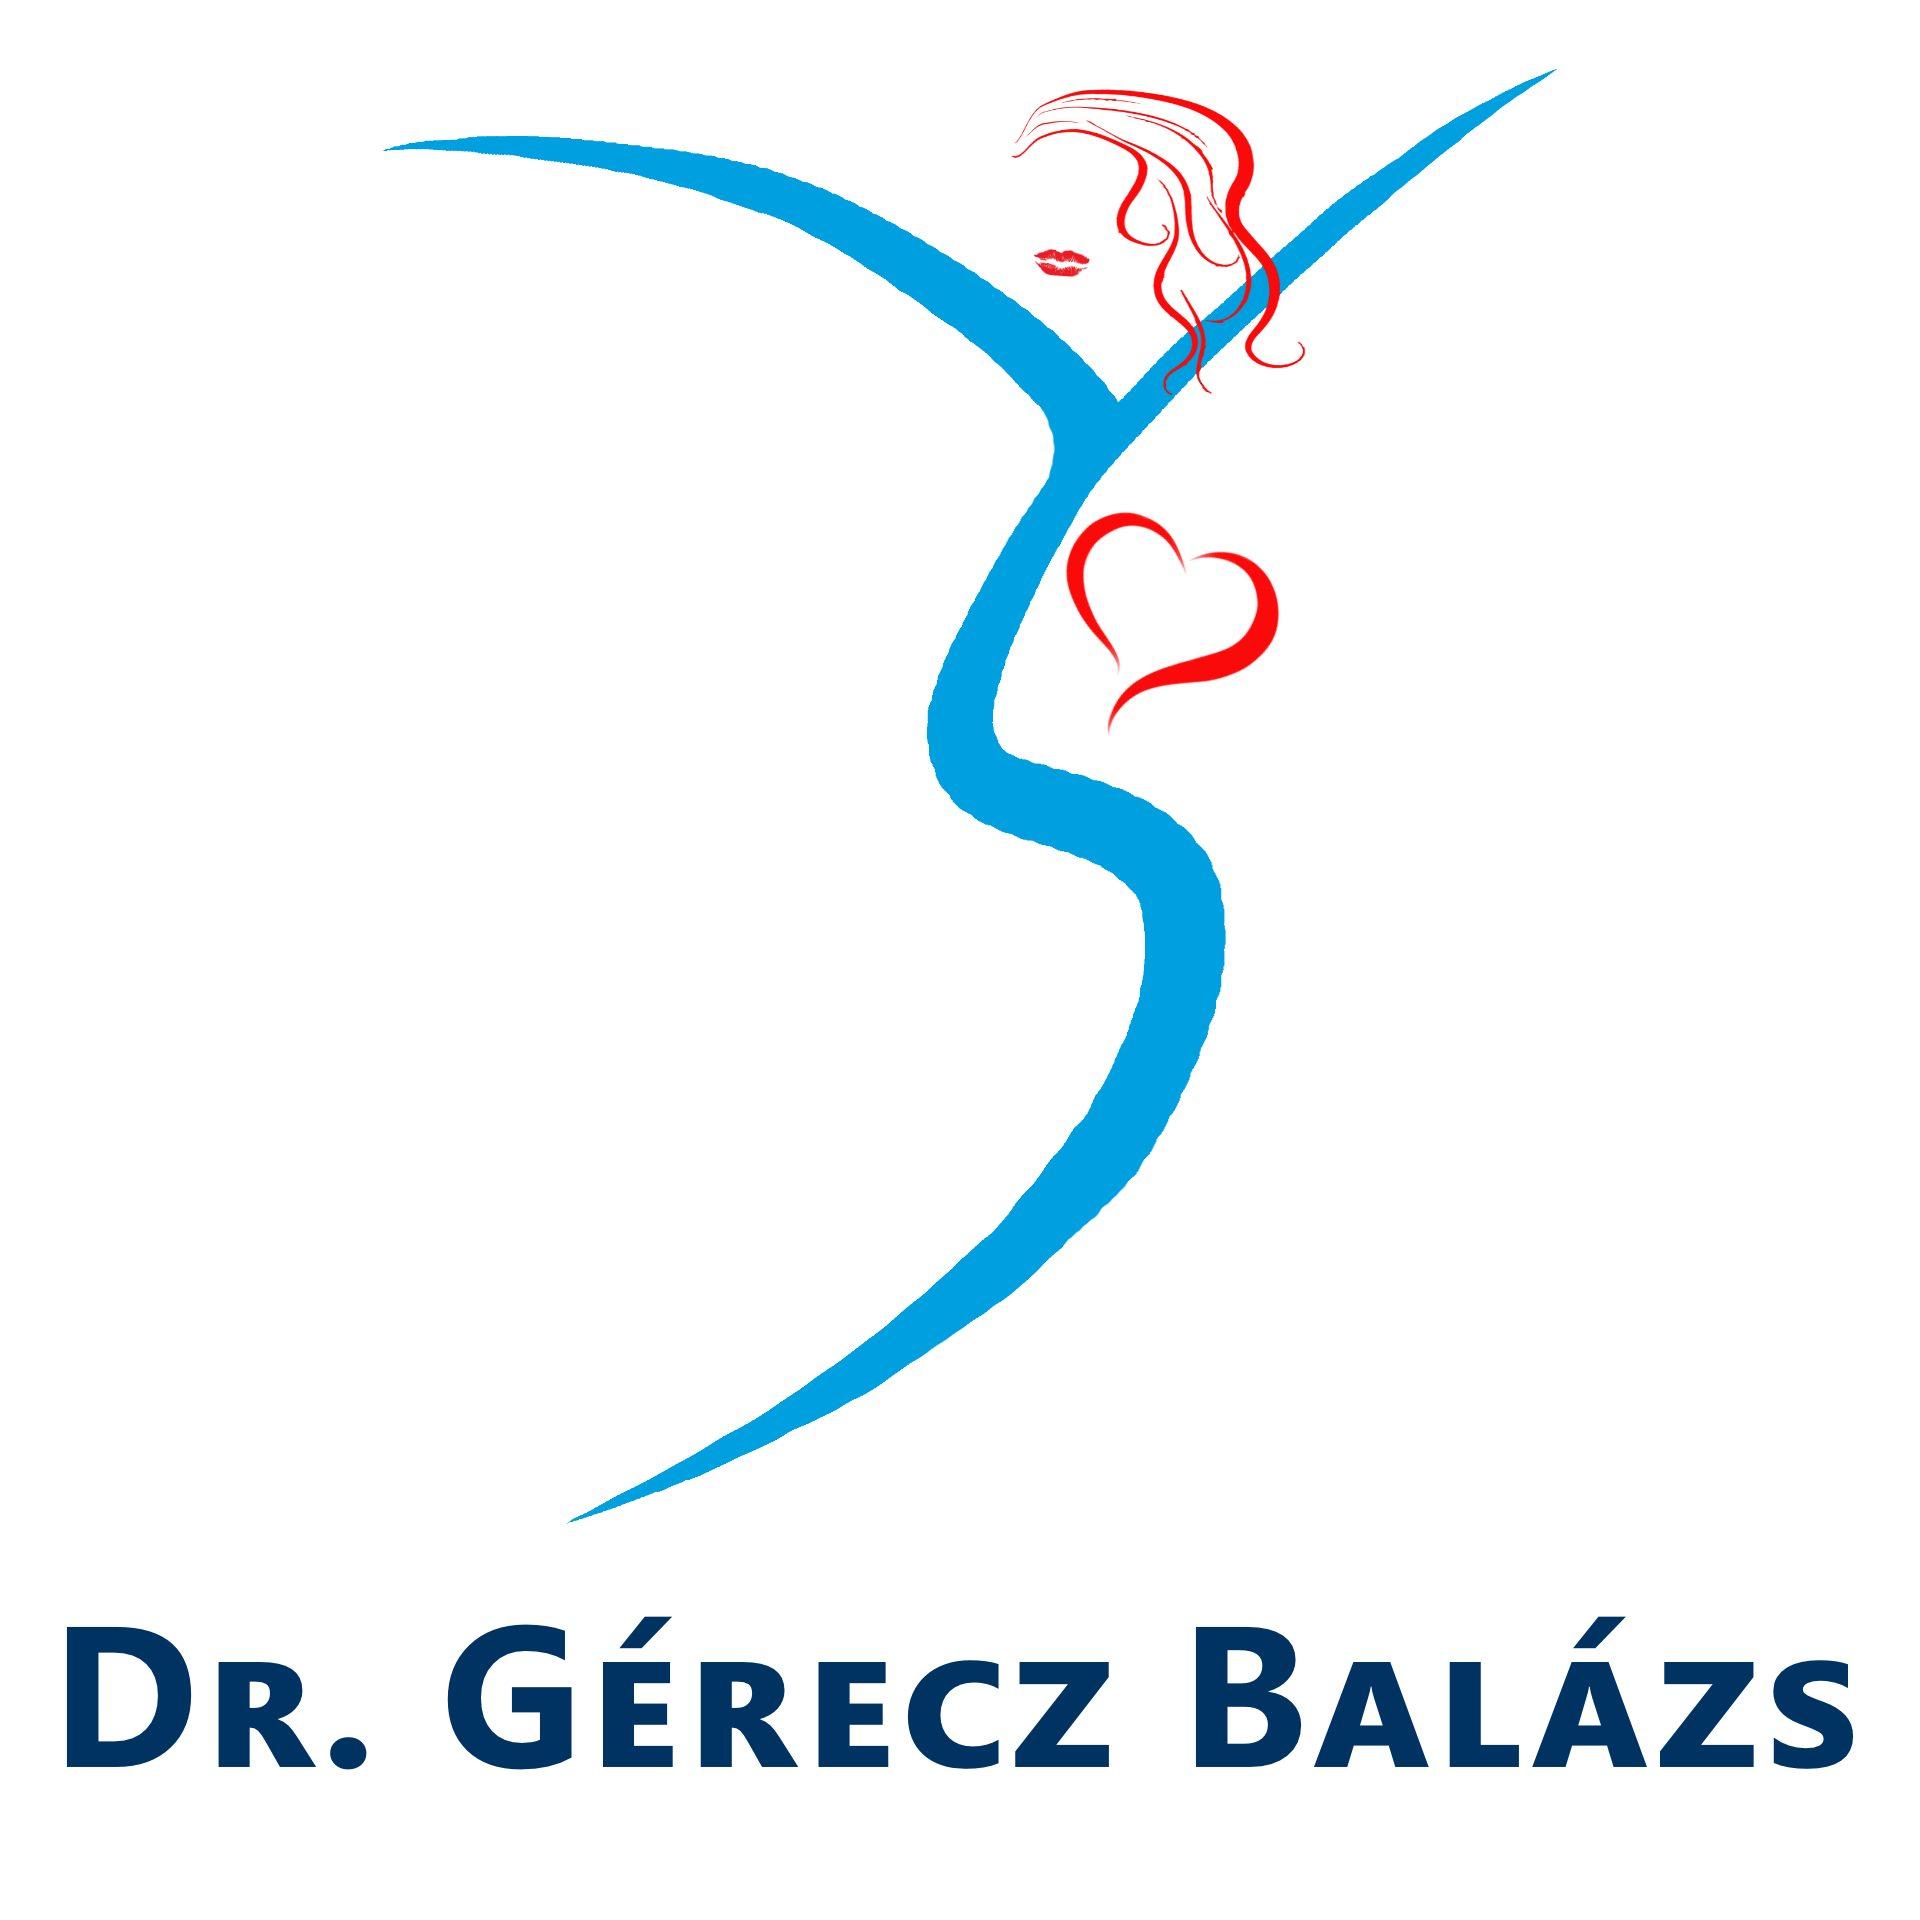 Dr. Gérecz Balázs